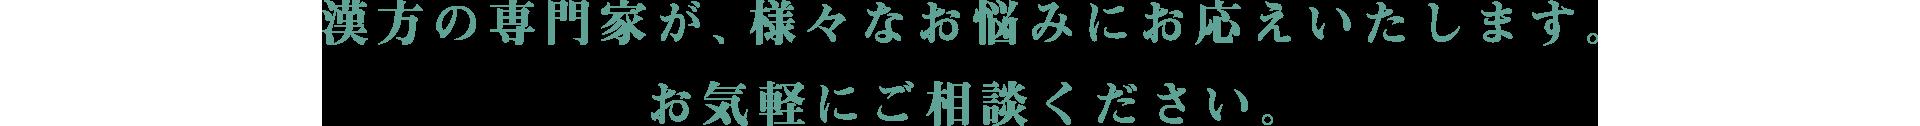 漢方の専門家が、様々なお悩みにお応えします。お気軽にご相談ください。